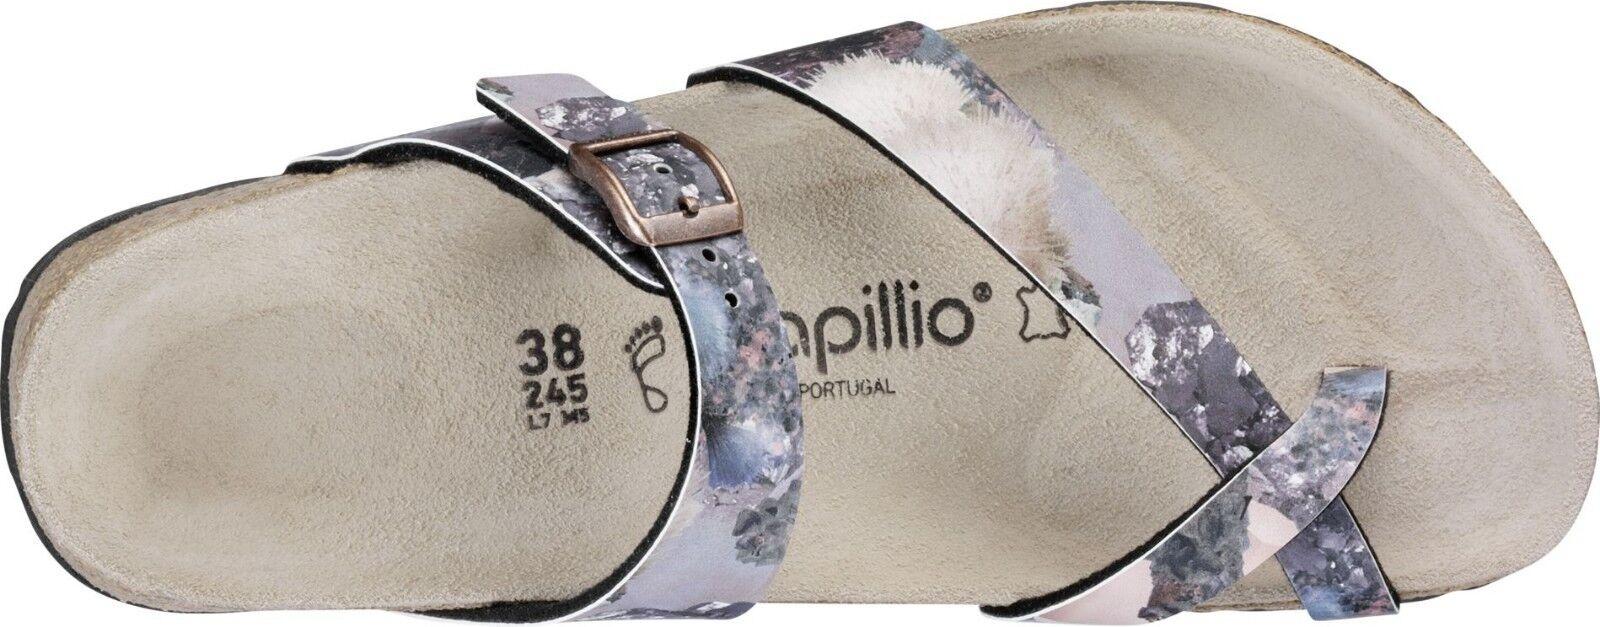 Papillio  by Birkenstock 35-43 Tabora Crystal Lilac Größe 35-43 Birkenstock Fußbett normal 19e6dd